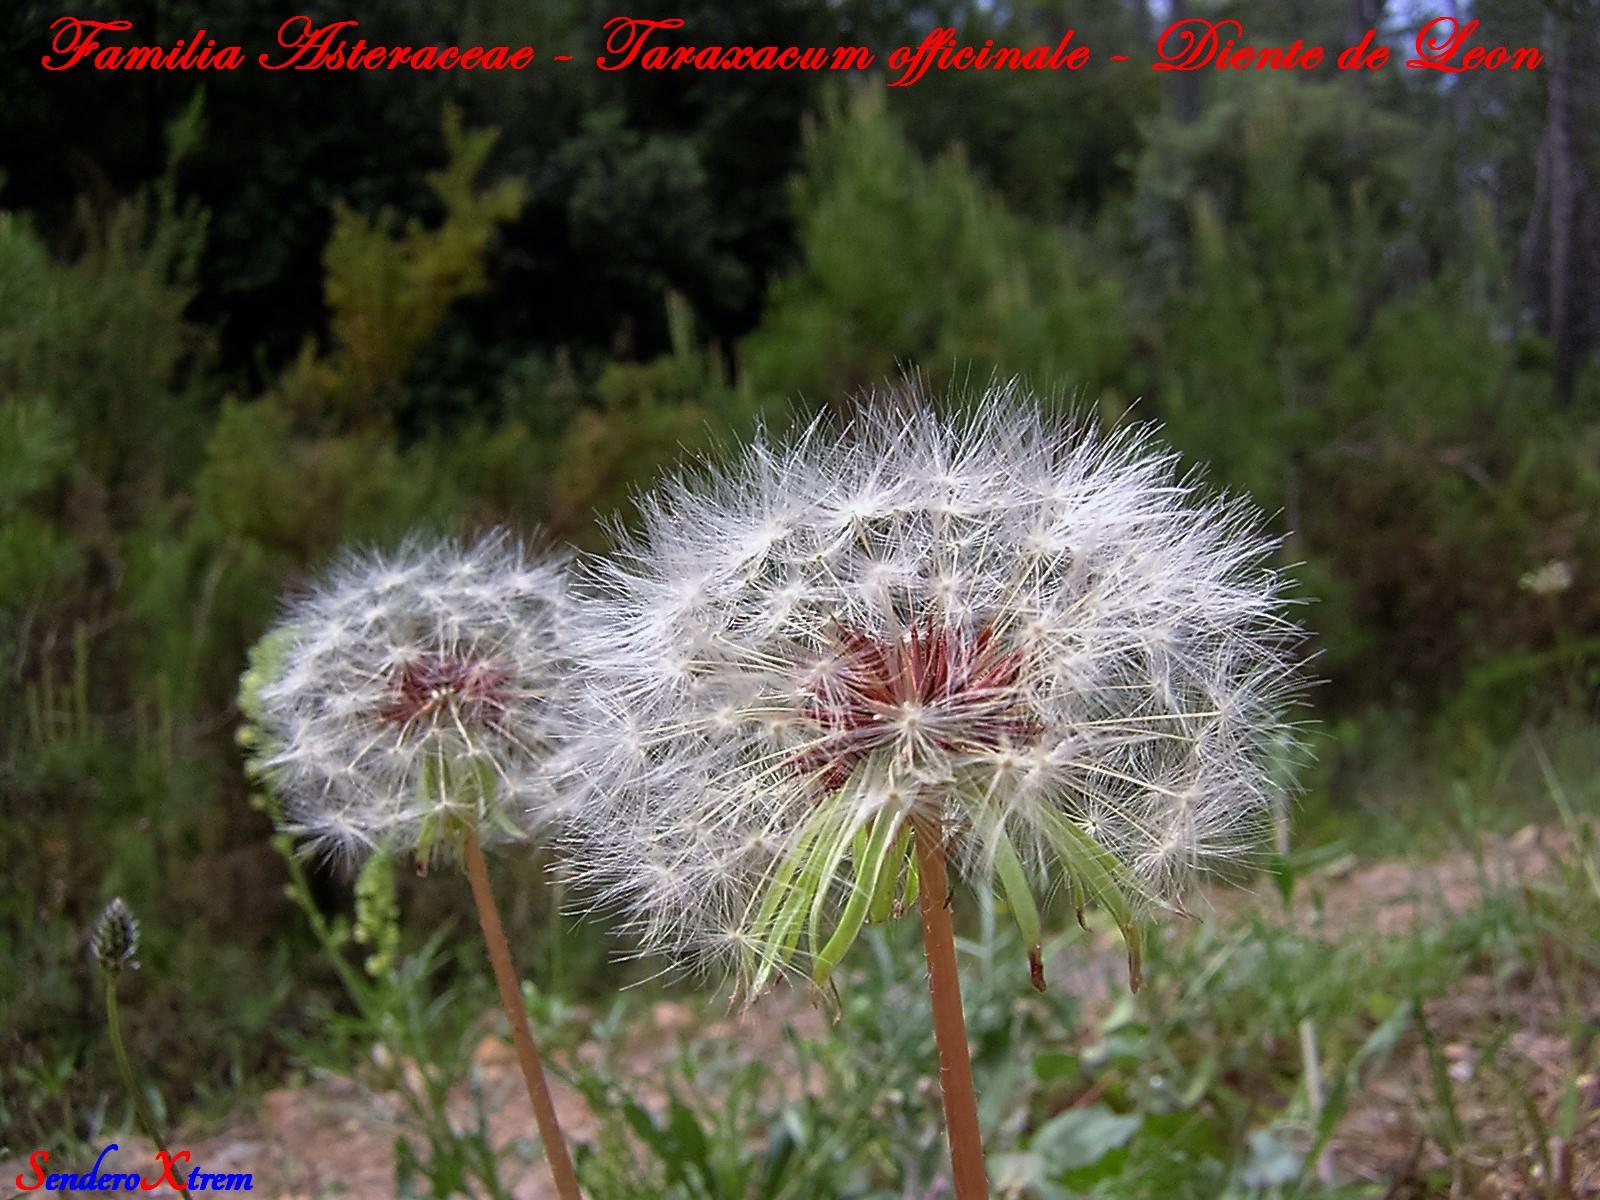 Familia Asteraceae - Taraxacum officinale - Diente de Leon